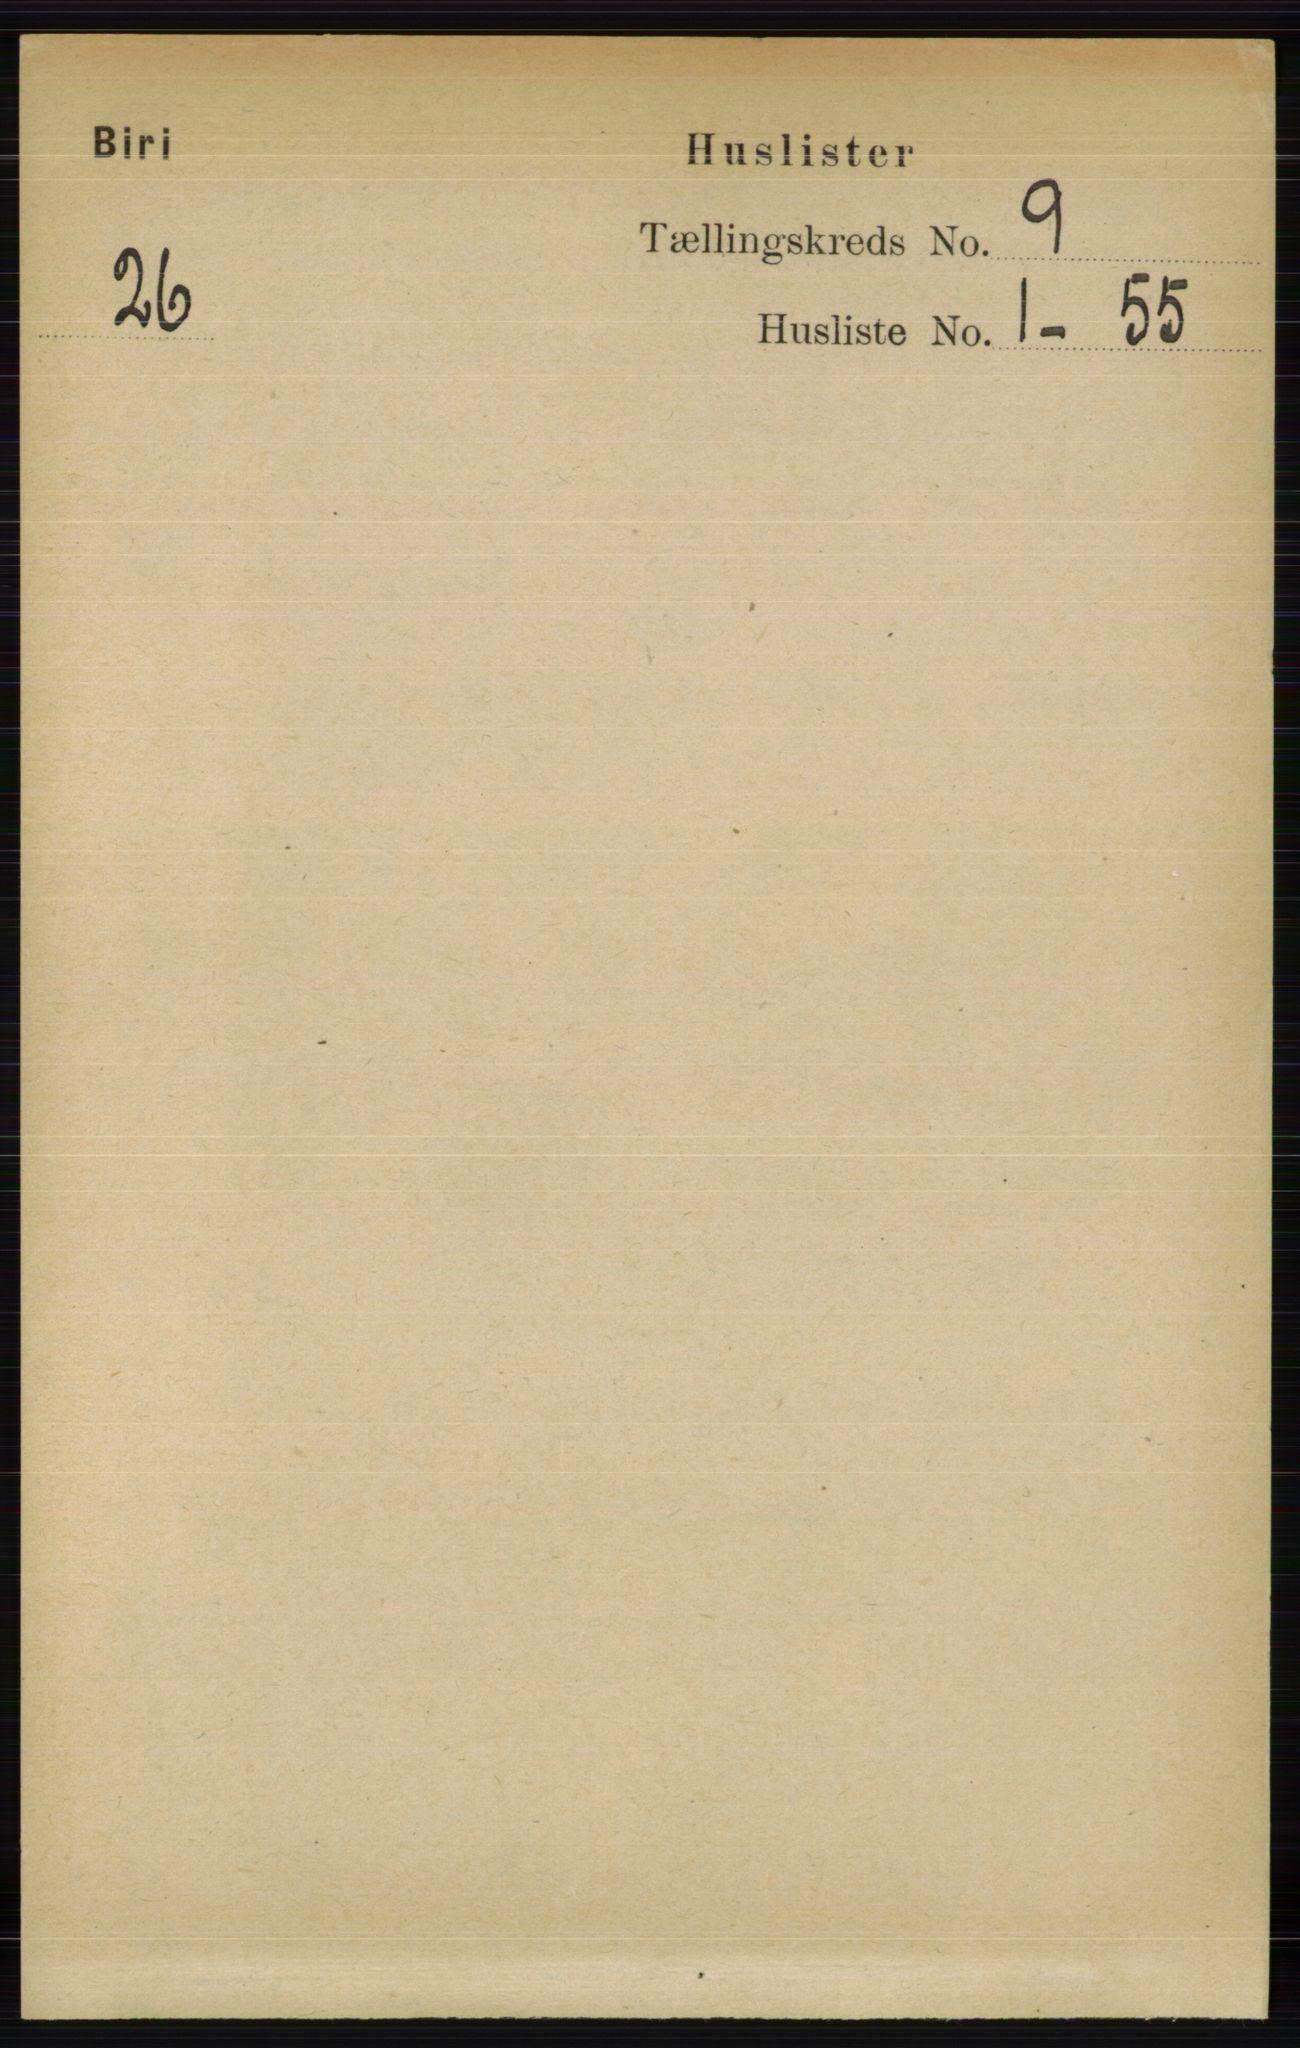 RA, Folketelling 1891 for 0525 Biri herred, 1891, s. 3325